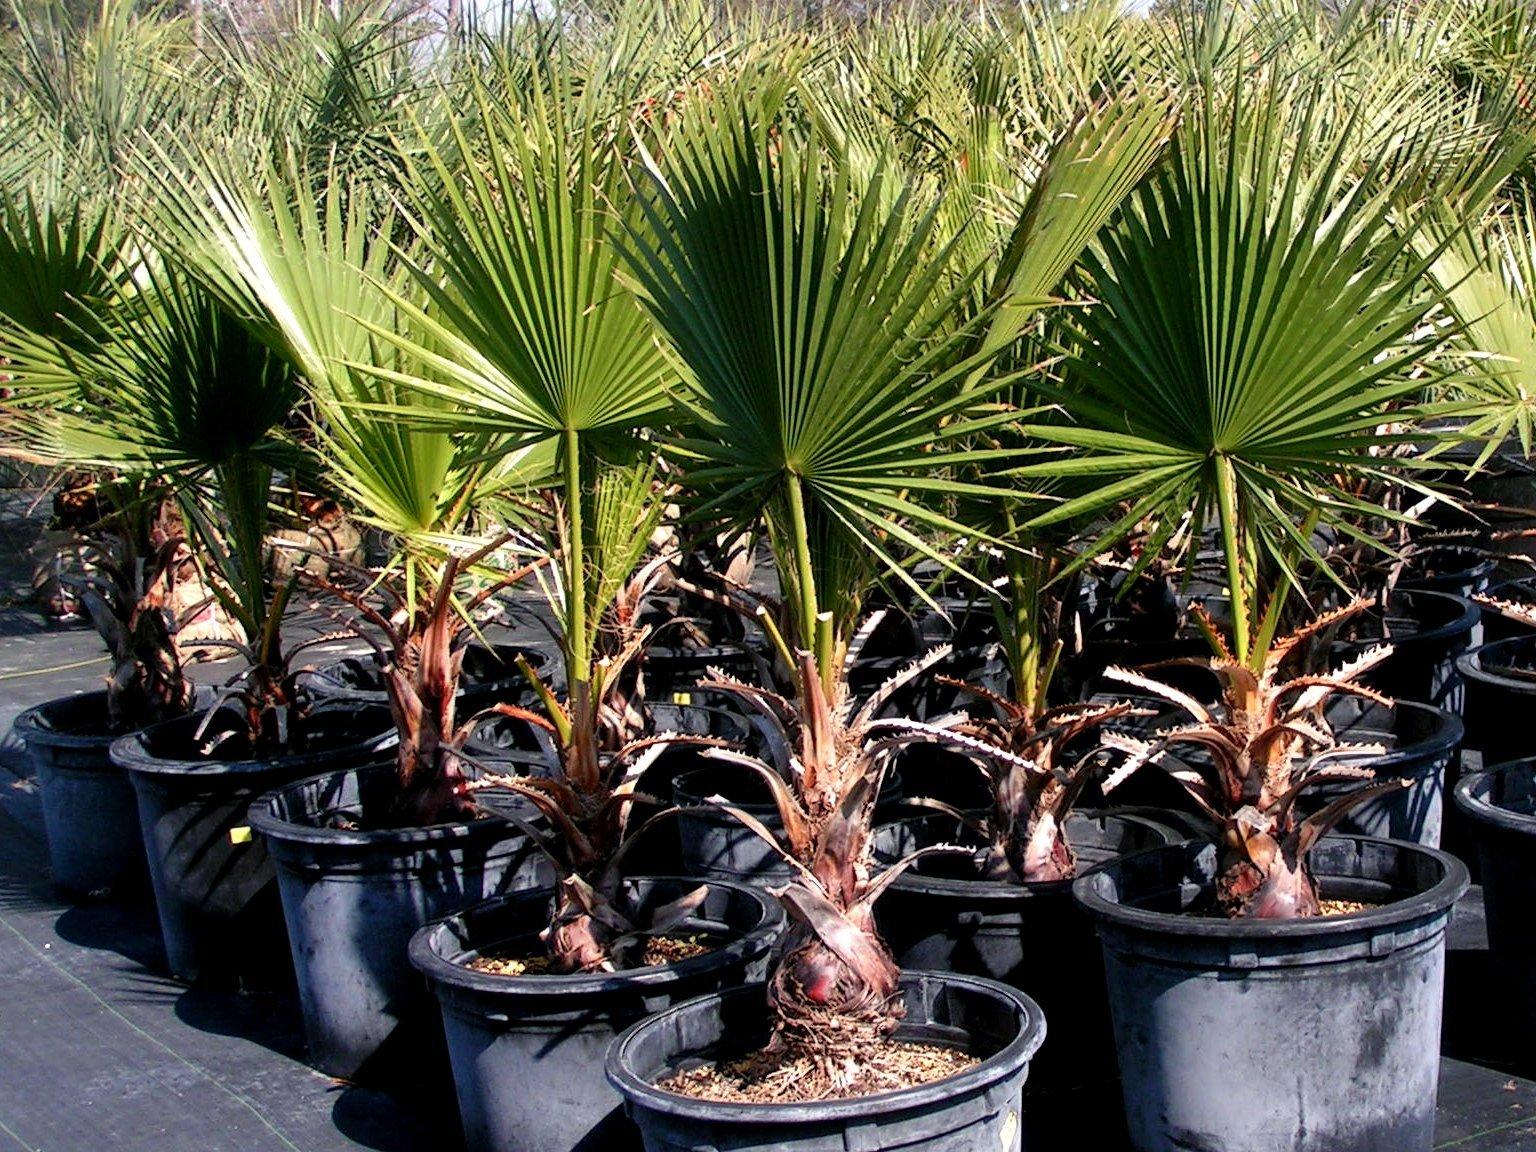 изображений разновидность пальмы картинки утра